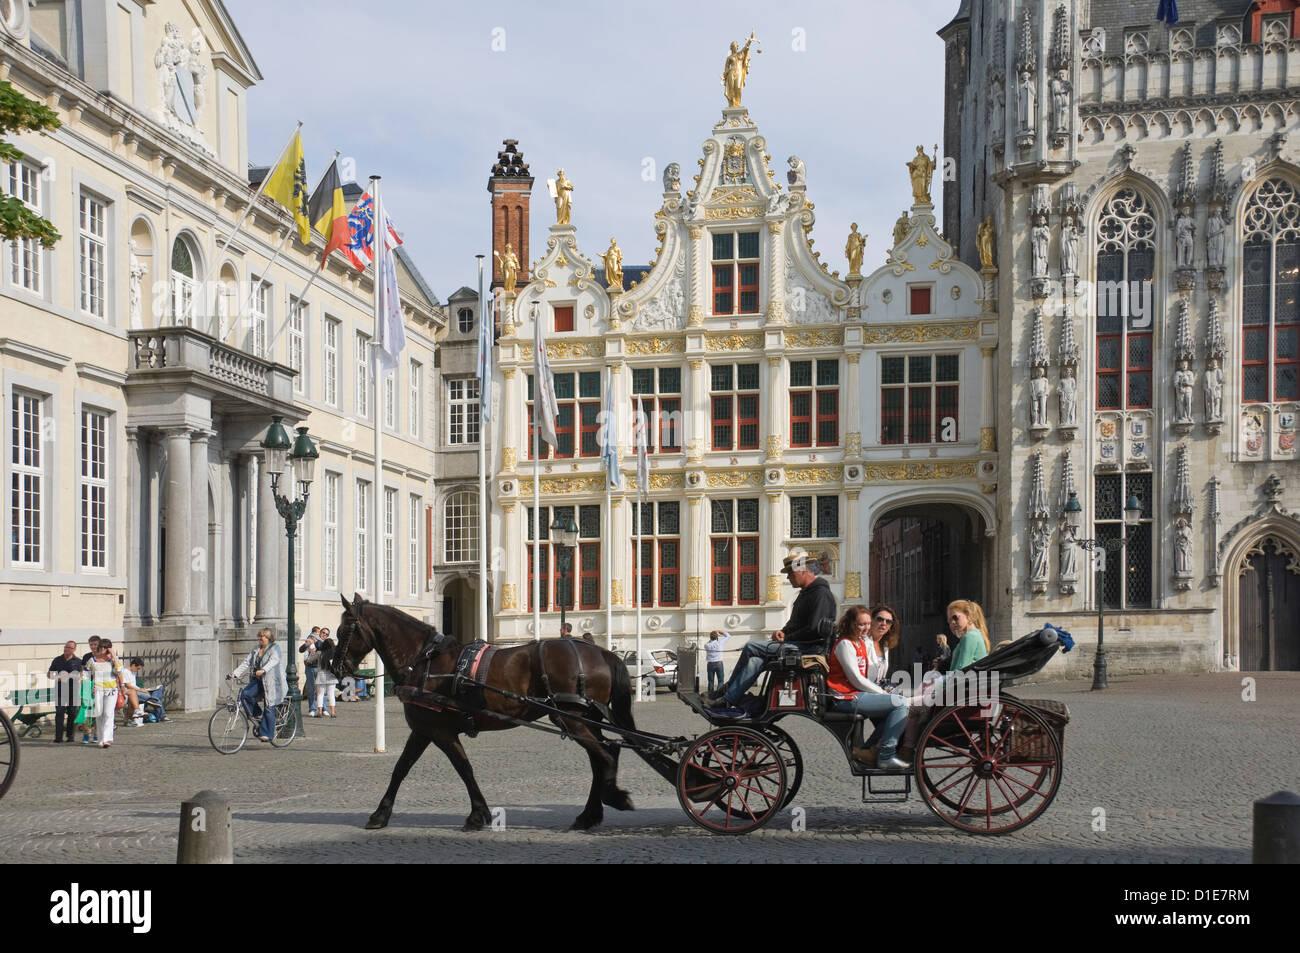 Une calèche traverse la place Burg, en passant le Stadhuis (hôtel de ville) les bâtiments, Brugge, Photo Stock